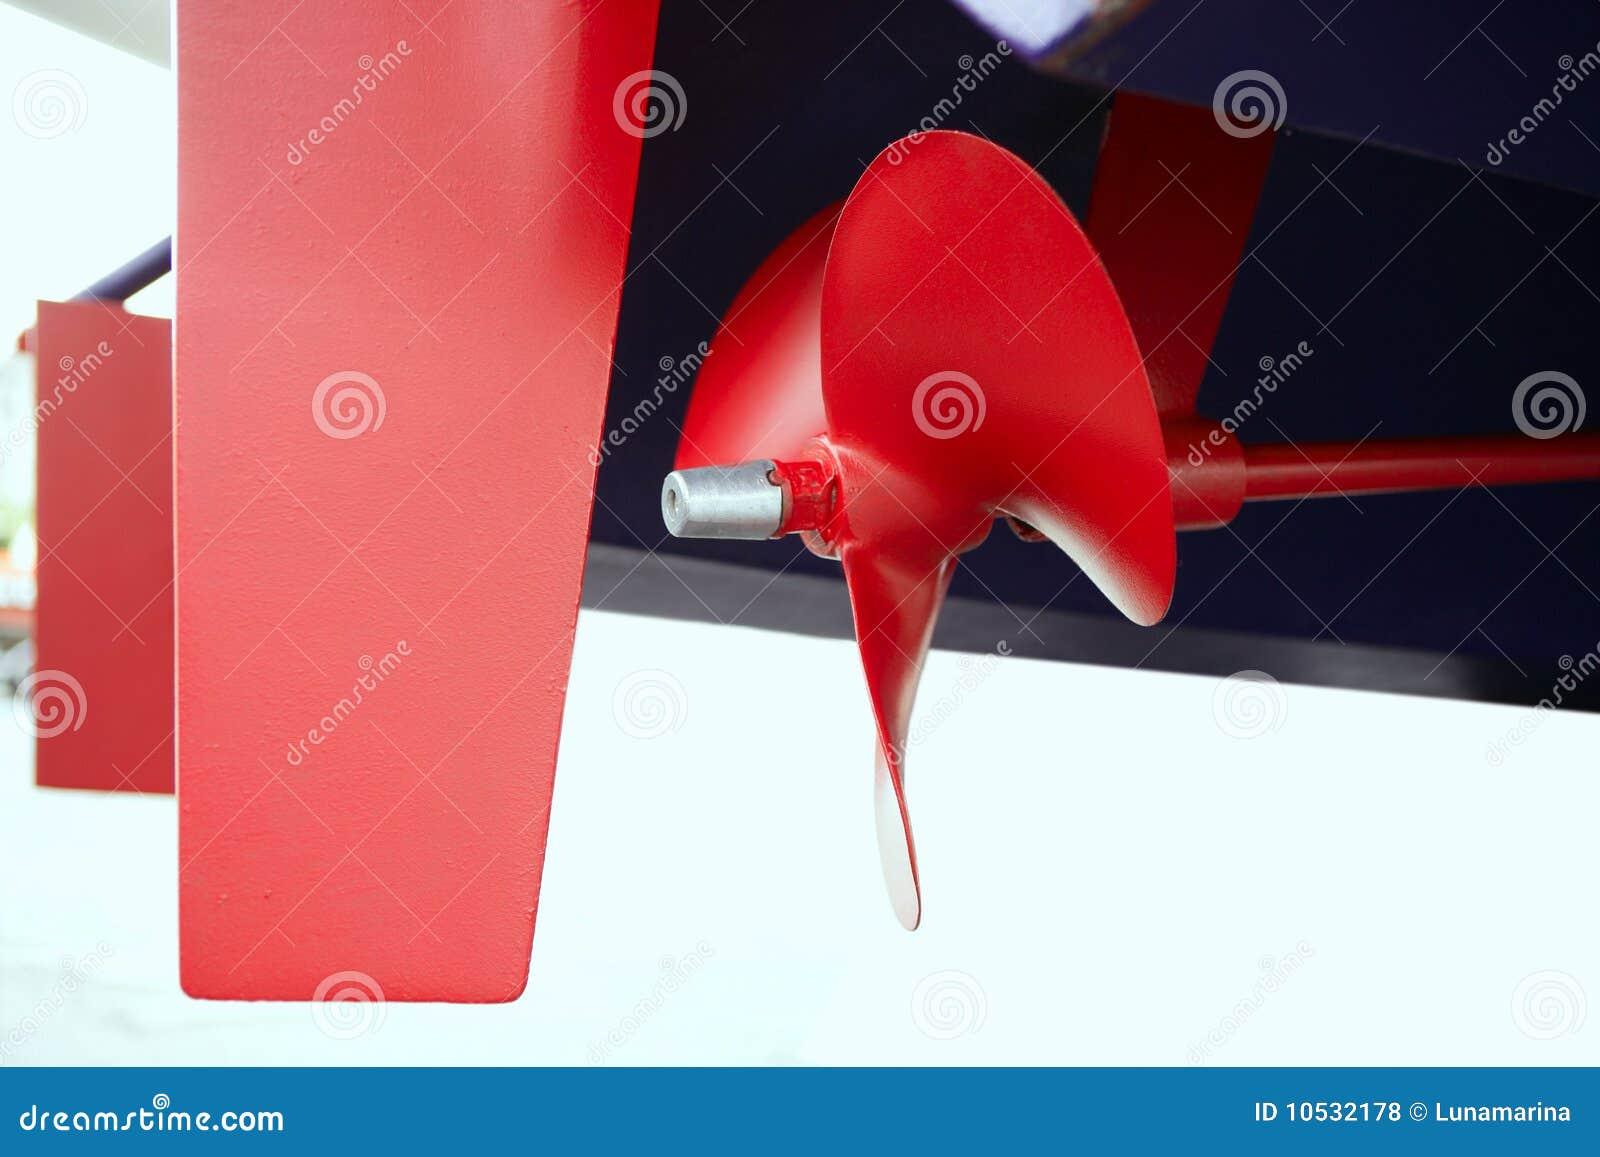 Rode de verf propeler schroef van de boot in blauwe schilboot stock foto afbeelding 10532178 - Maken rode verf ...